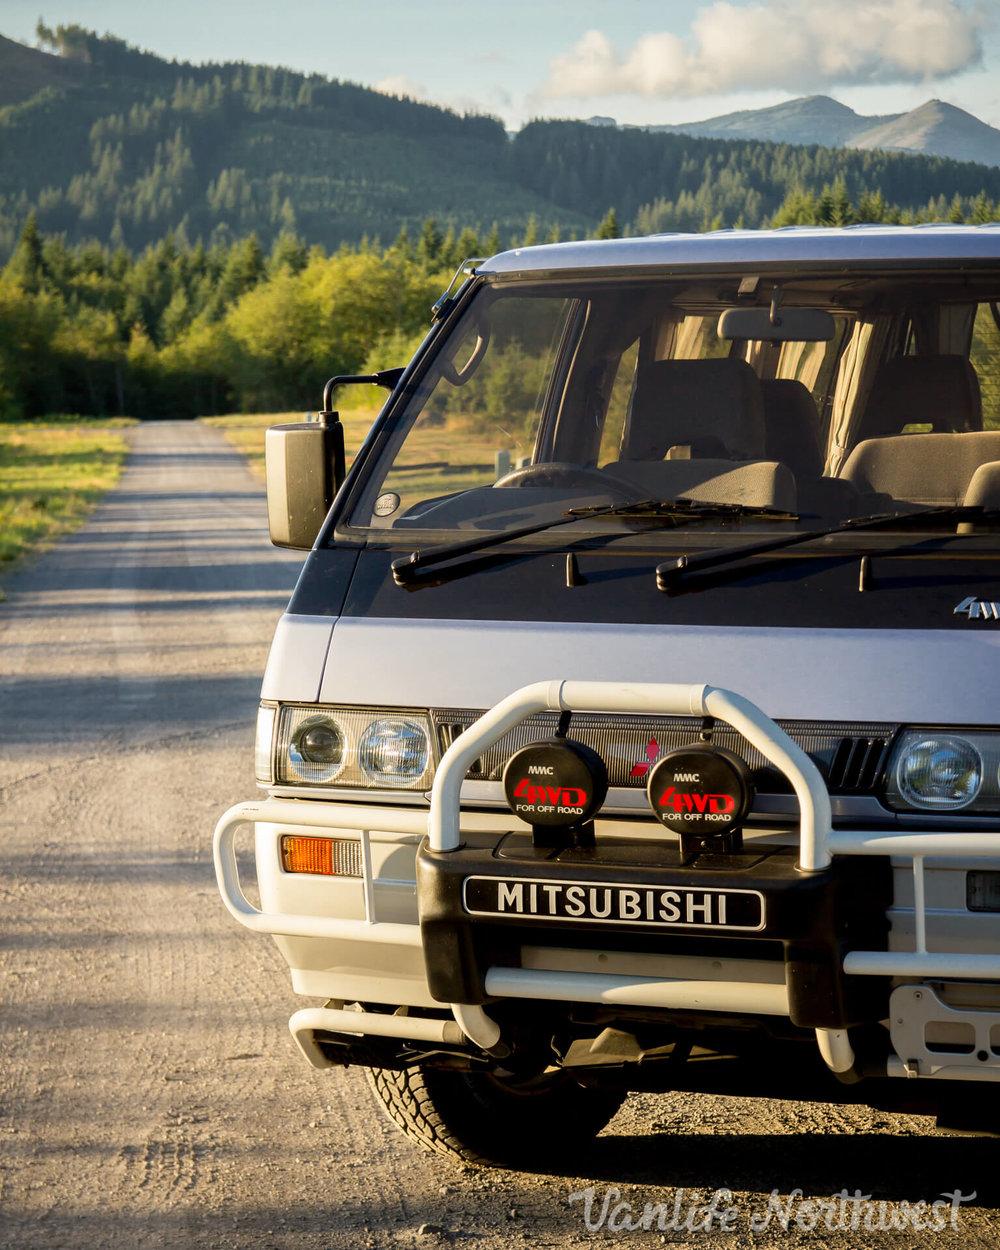 1992MitsubishiDelicaLowRoofJeannetteNolan-19.jpg